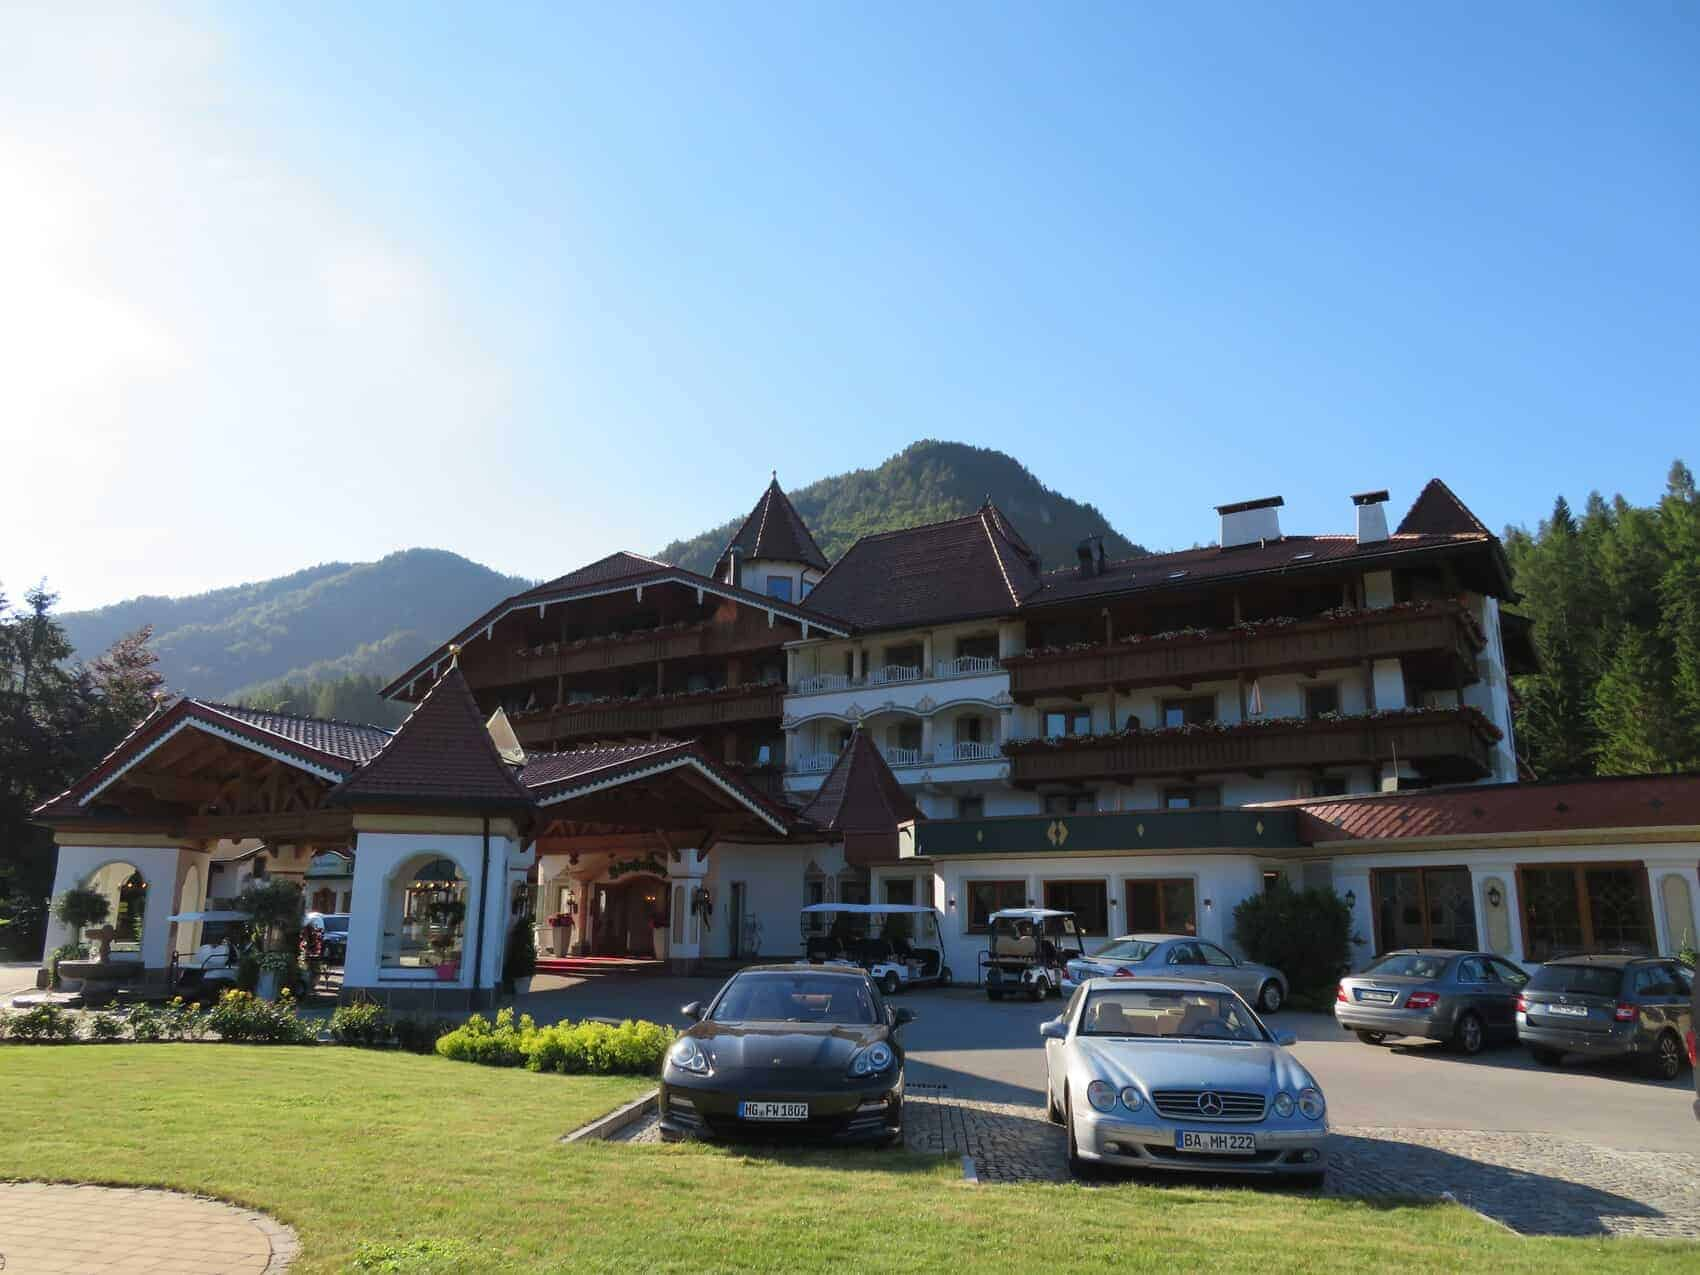 Laerchenhof front entrance